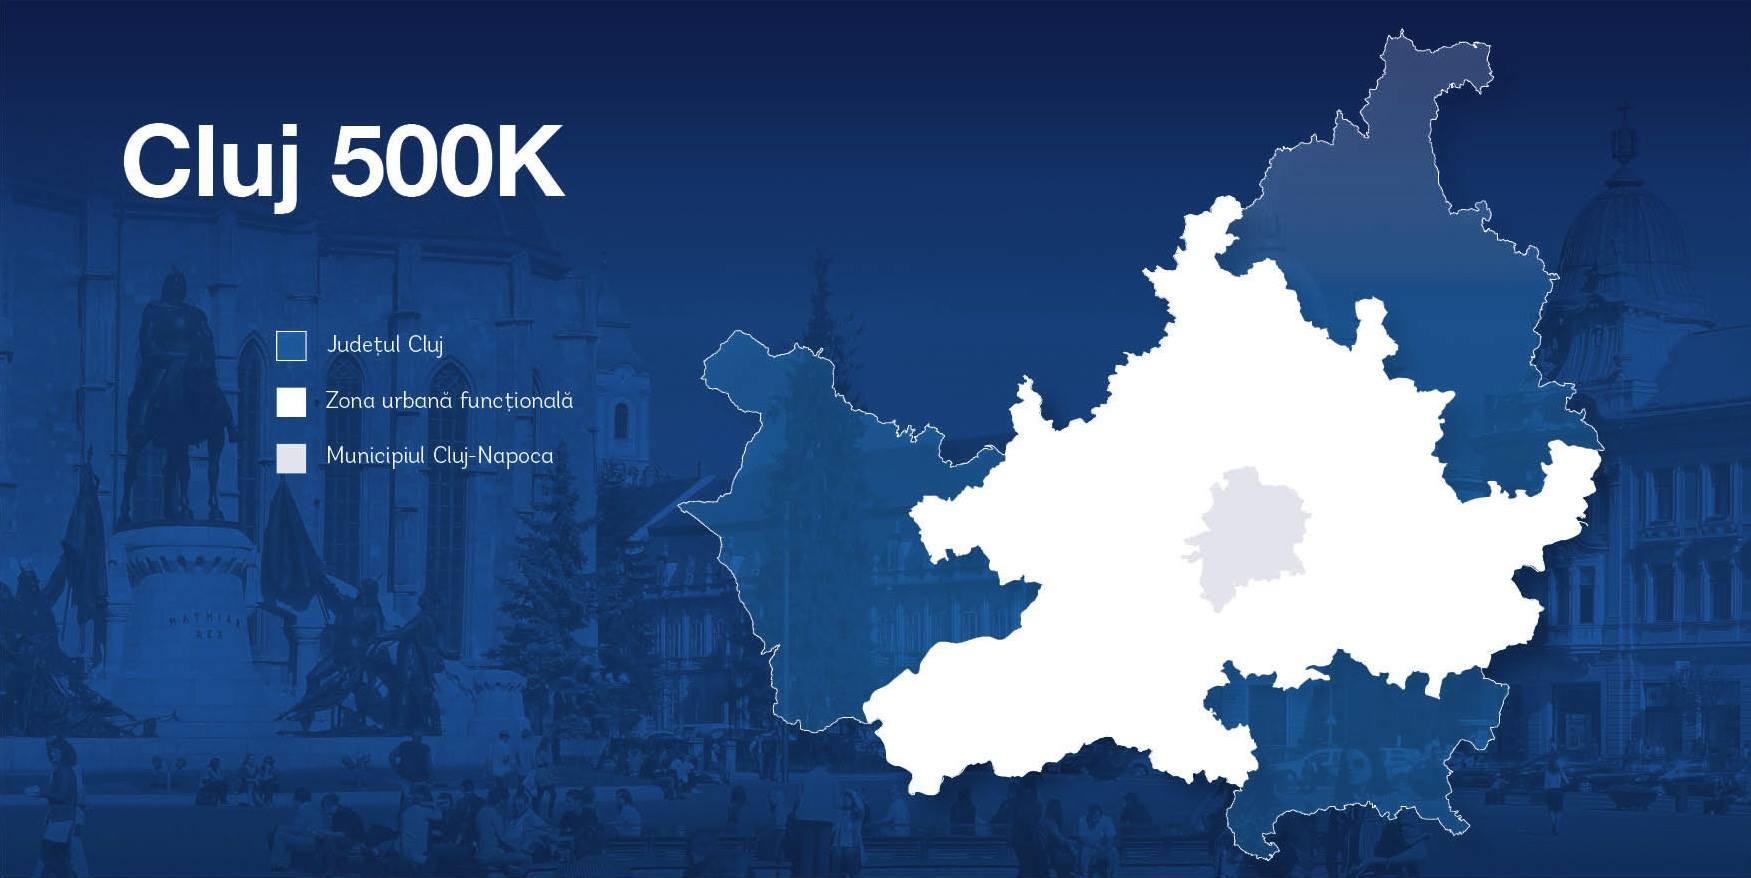 Cluj500K, Clujul cu 500.000 de locuitori în 2030, o țintă atât dezirabilă, cât și posibilă.